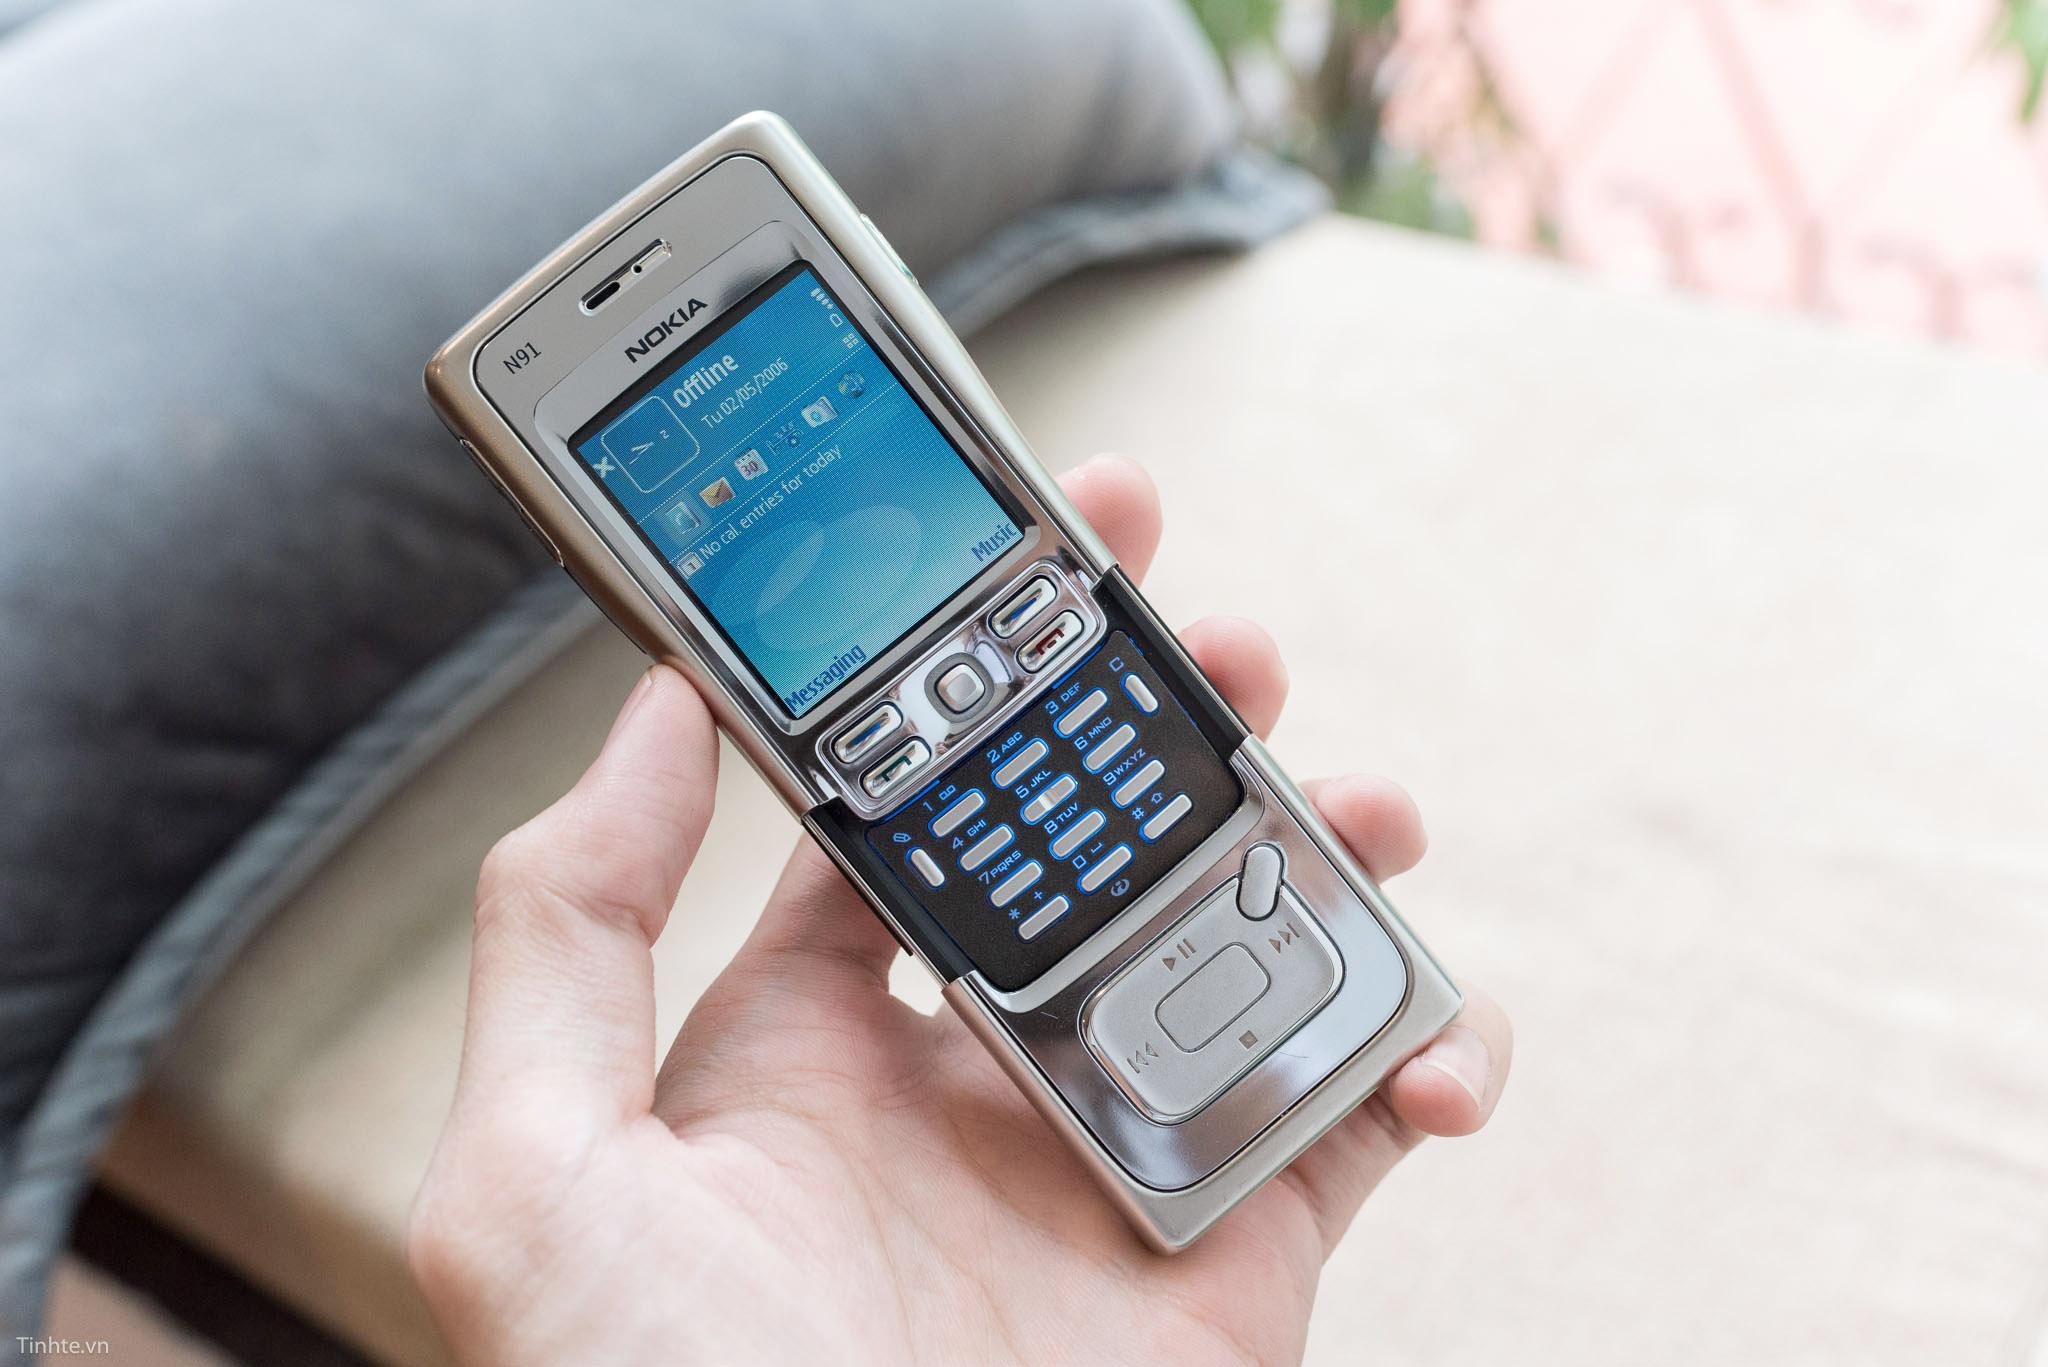 Nokia_N91_hinh_anh_thuong_hieu.jpg